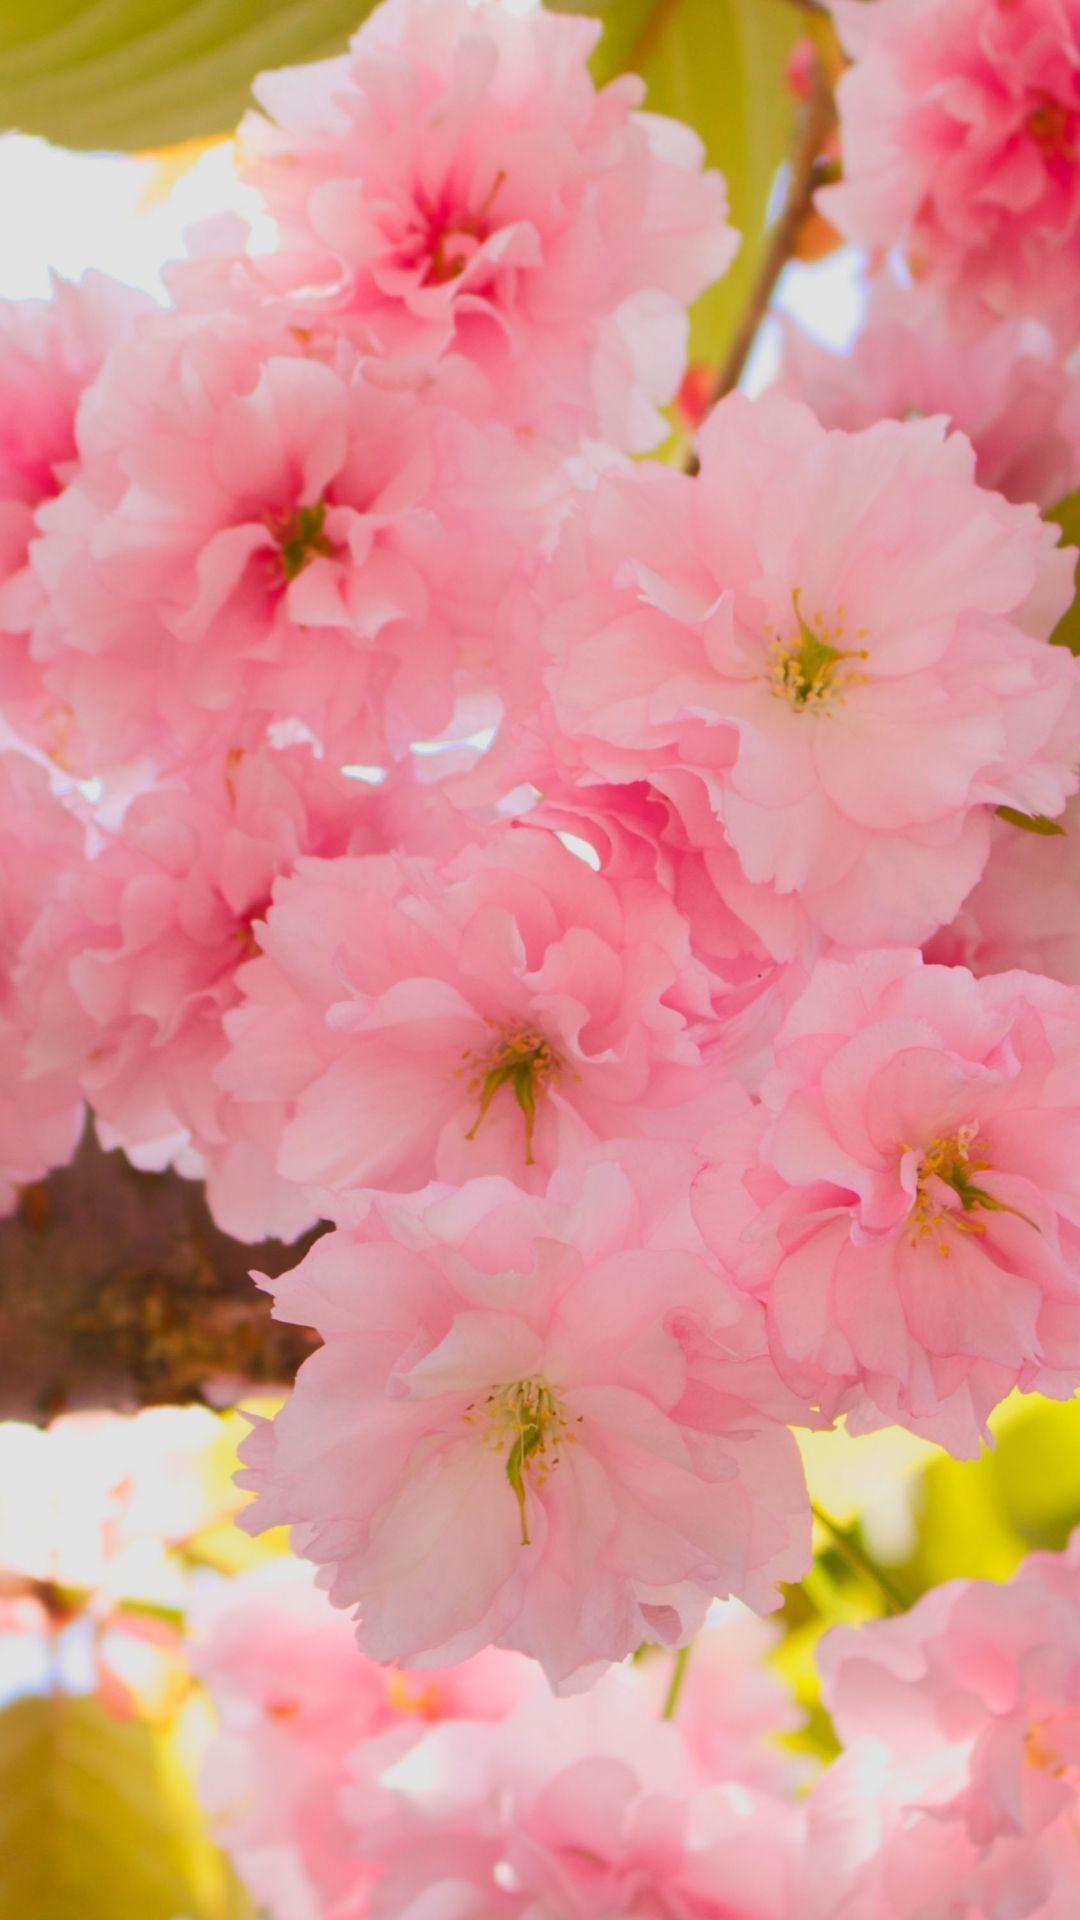 Cherry Blossom iPhone HD Wallpaper Flower wallpaper